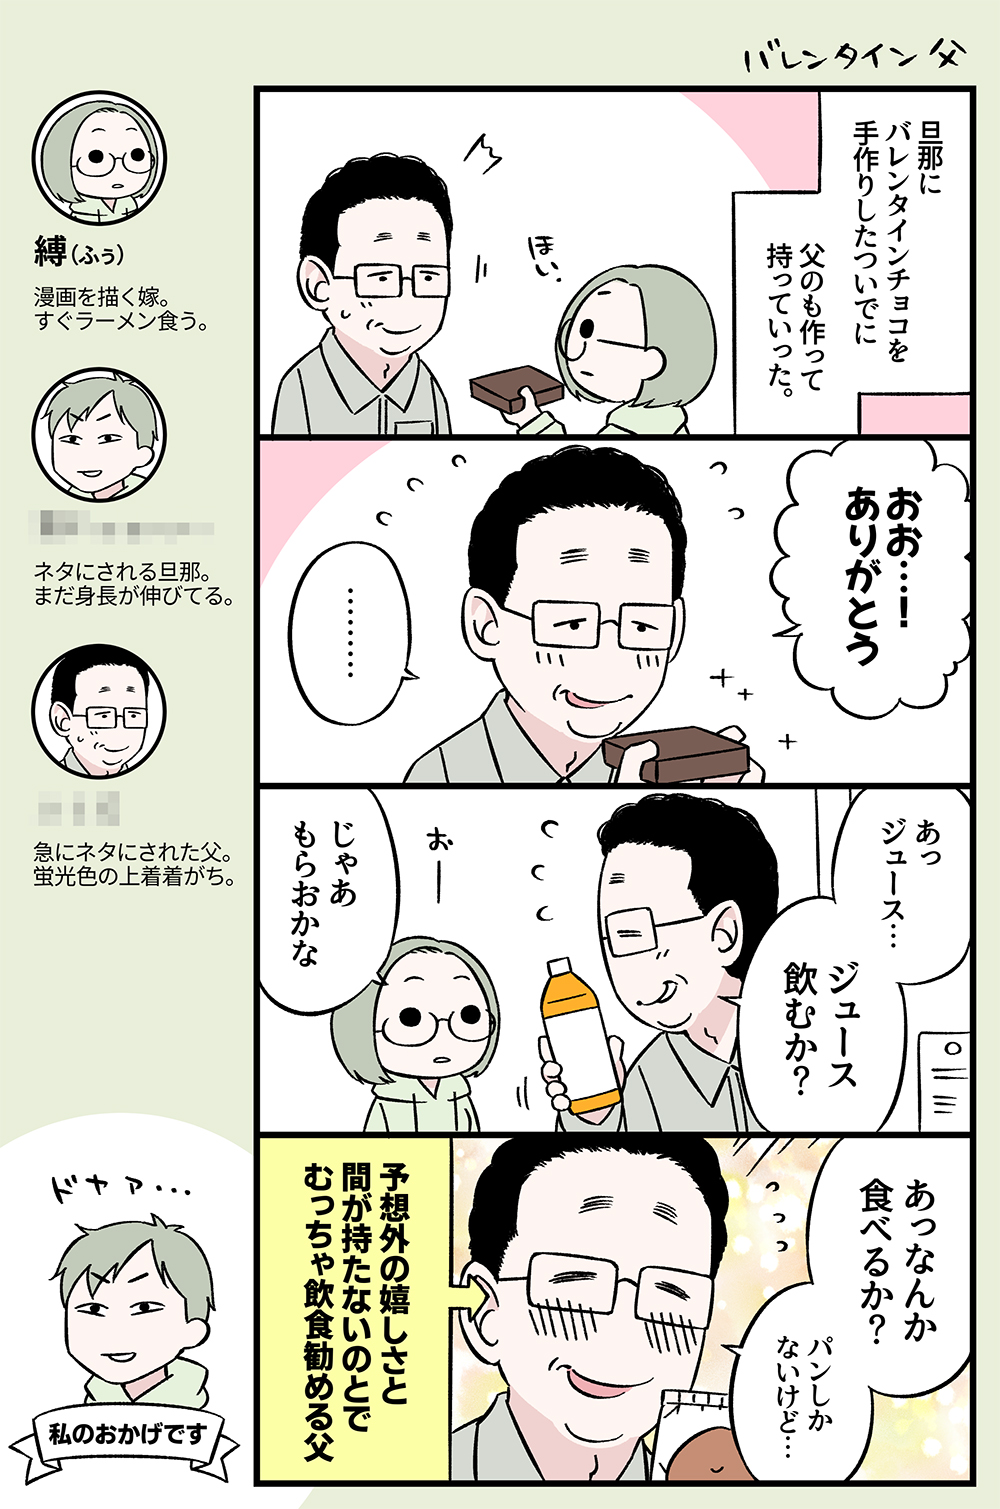 マンガ制作例その3